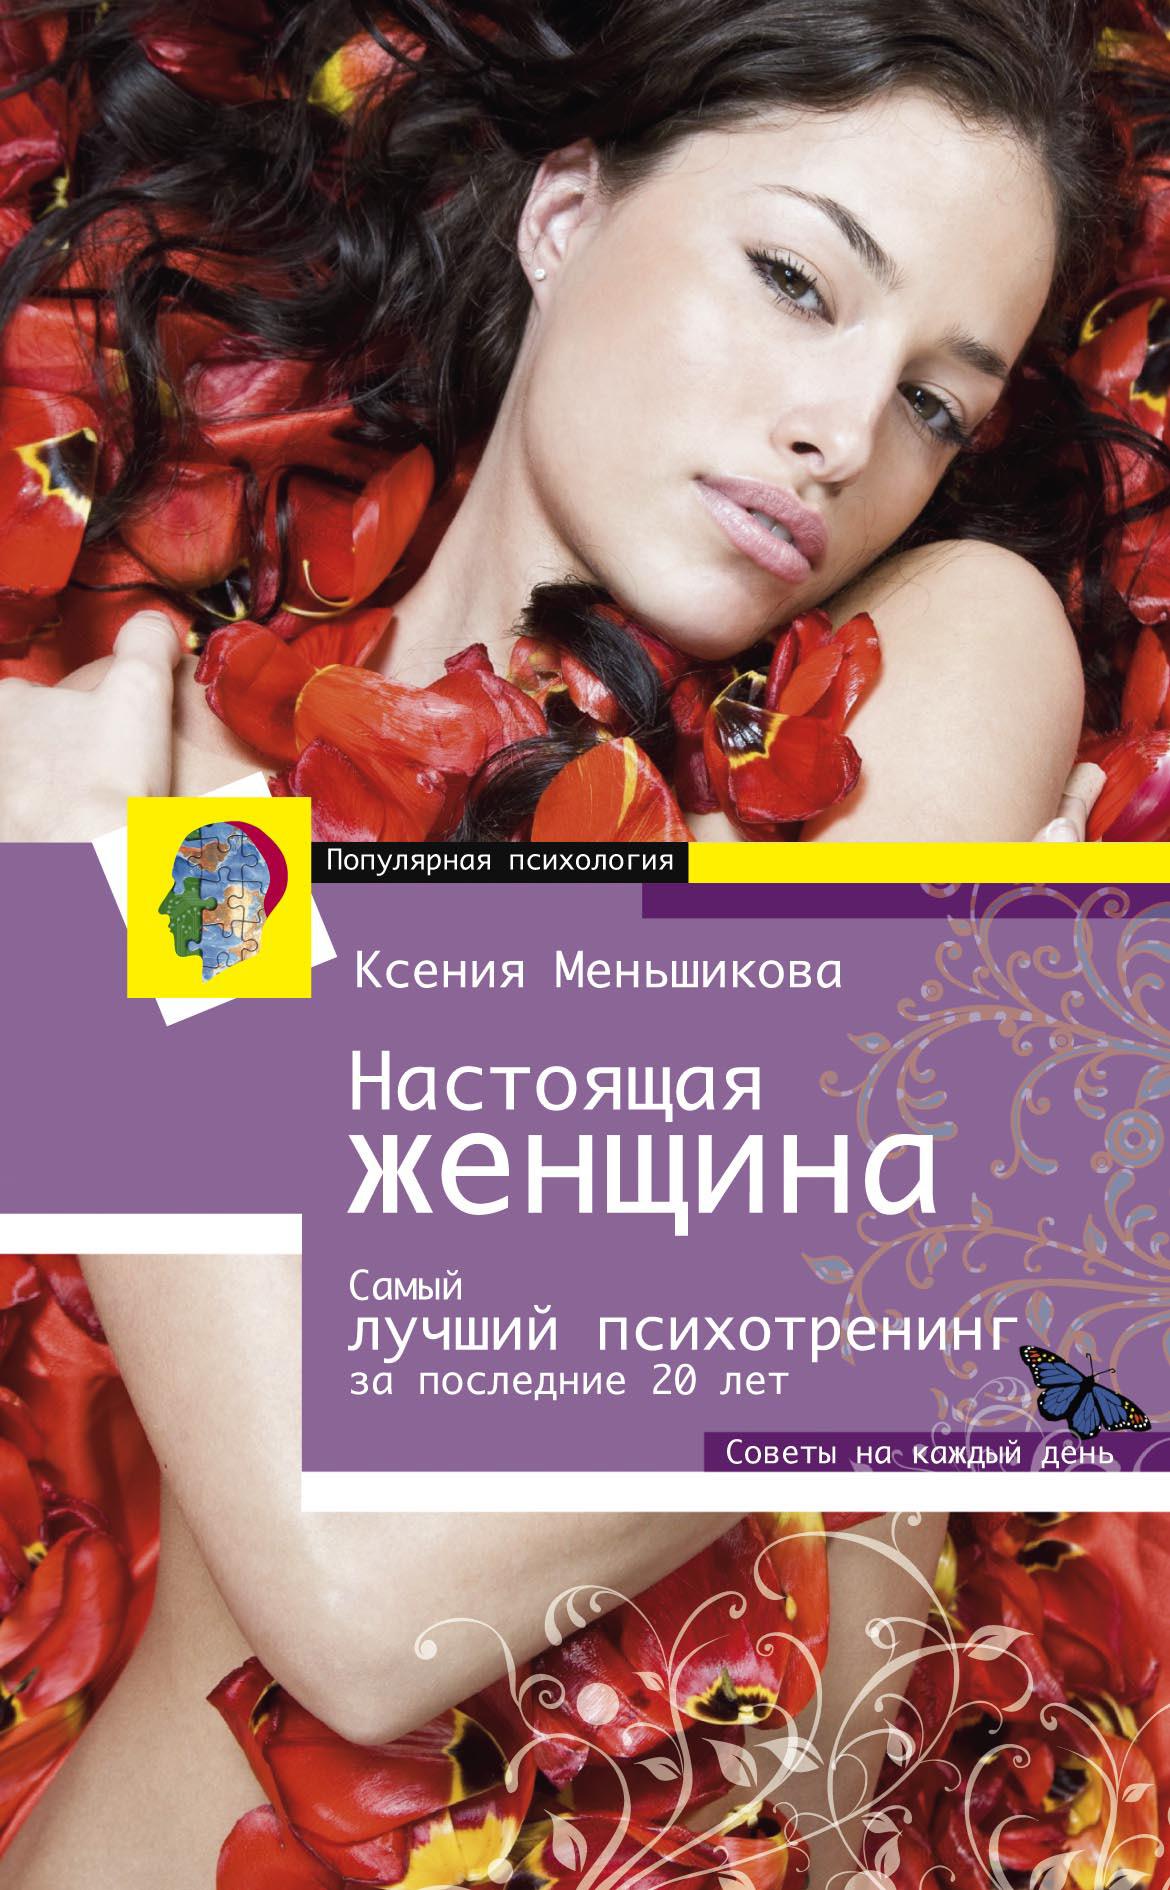 Ксения Меньшикова Настоящая женщина. Самый лучший психотренинг для женщин за последние 20 лет